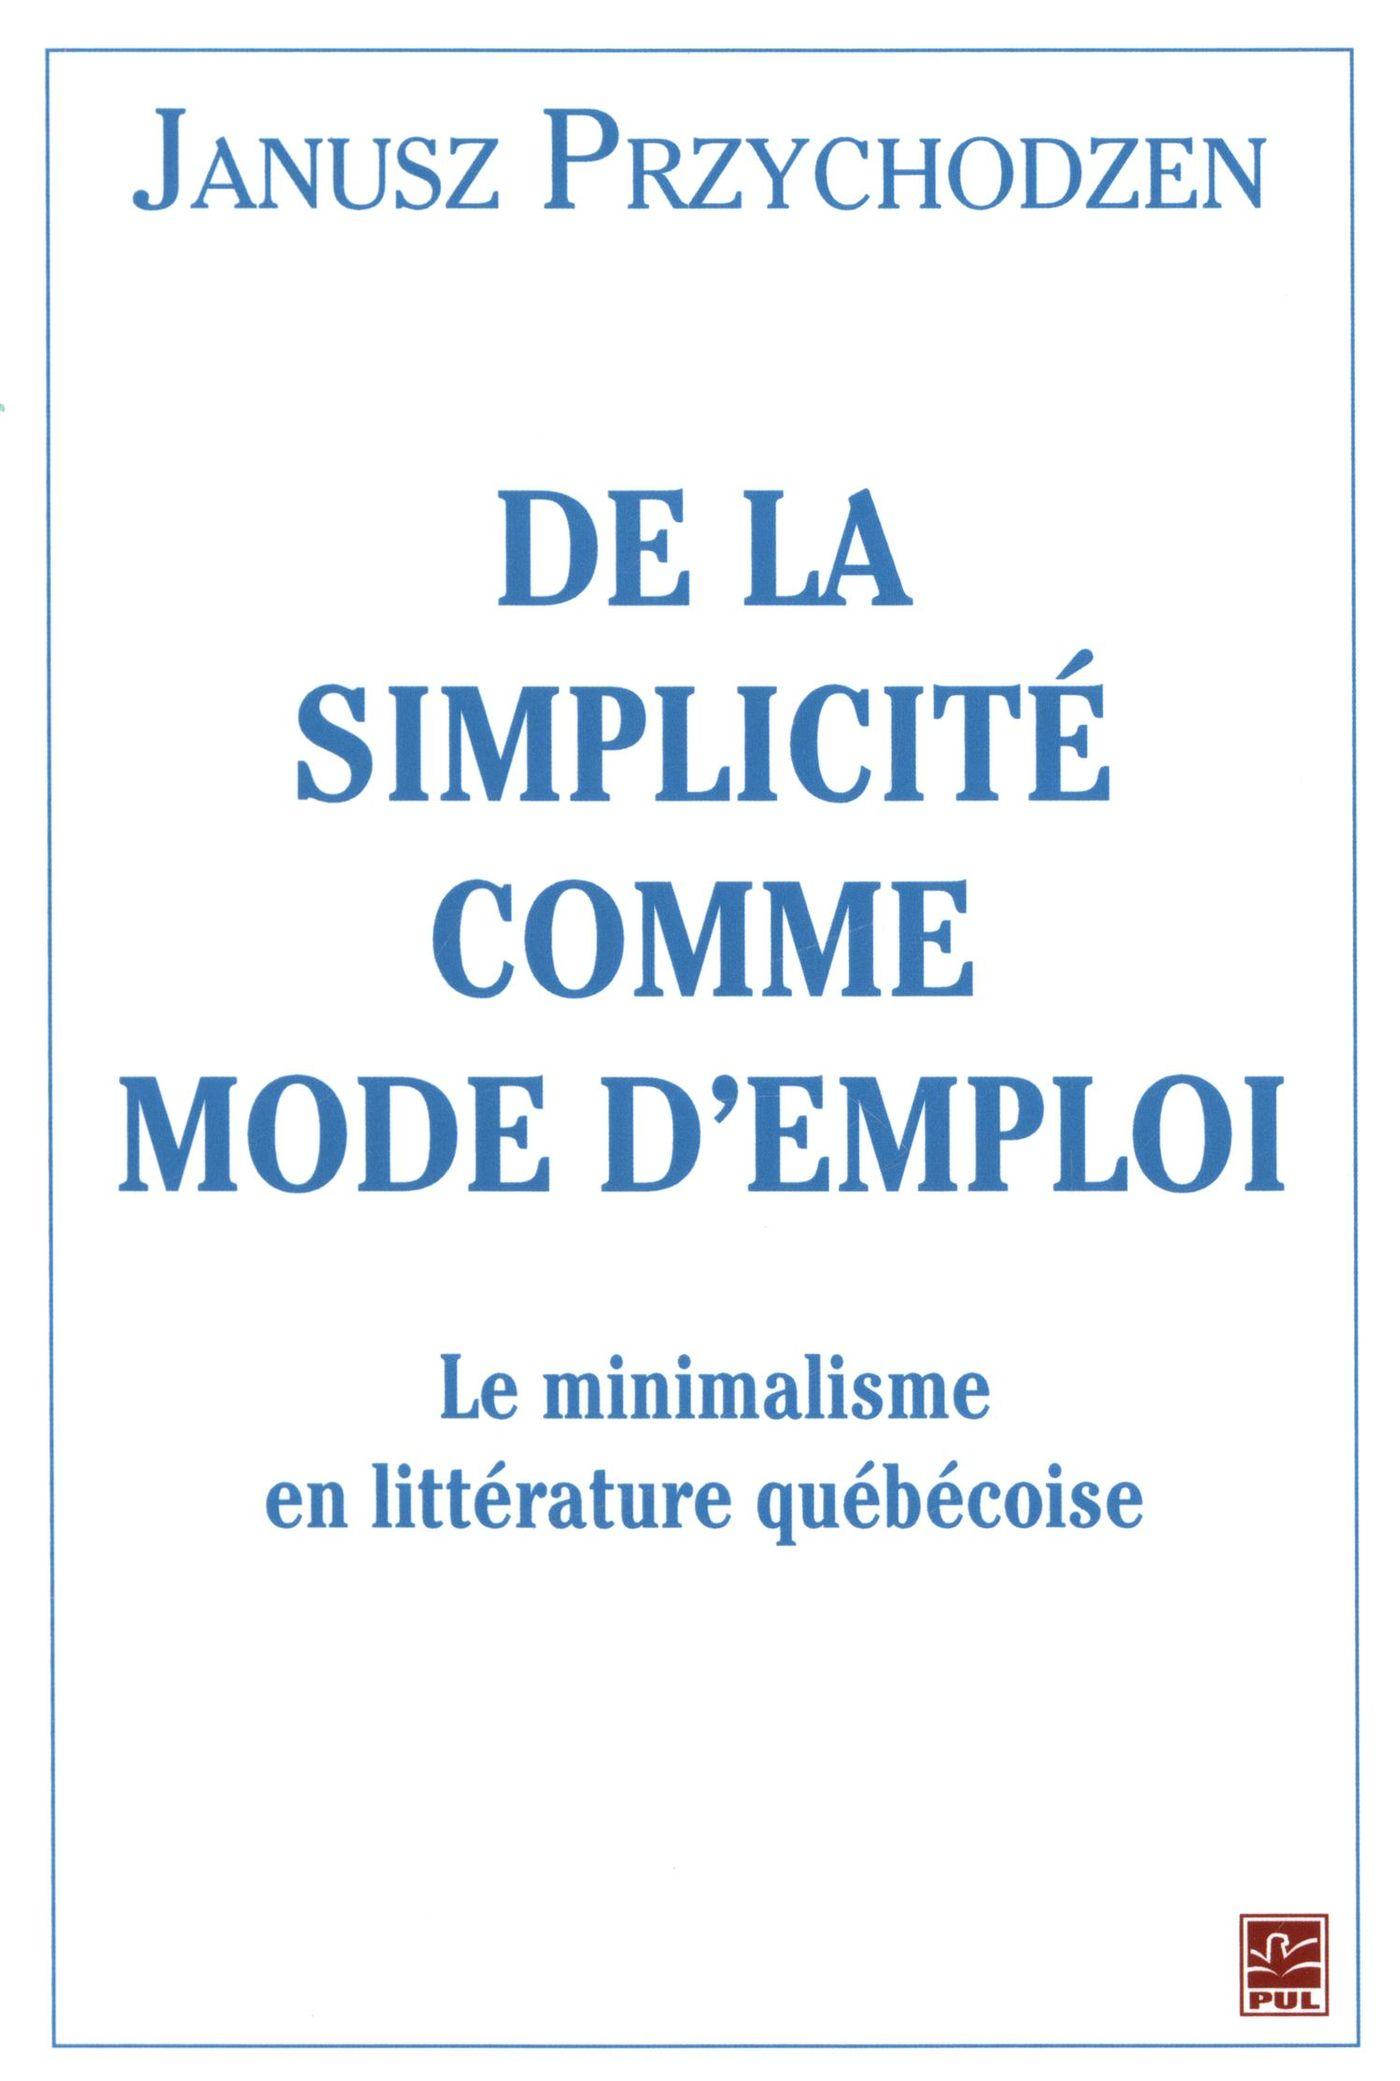 De la simplicité comme mode d'emploi